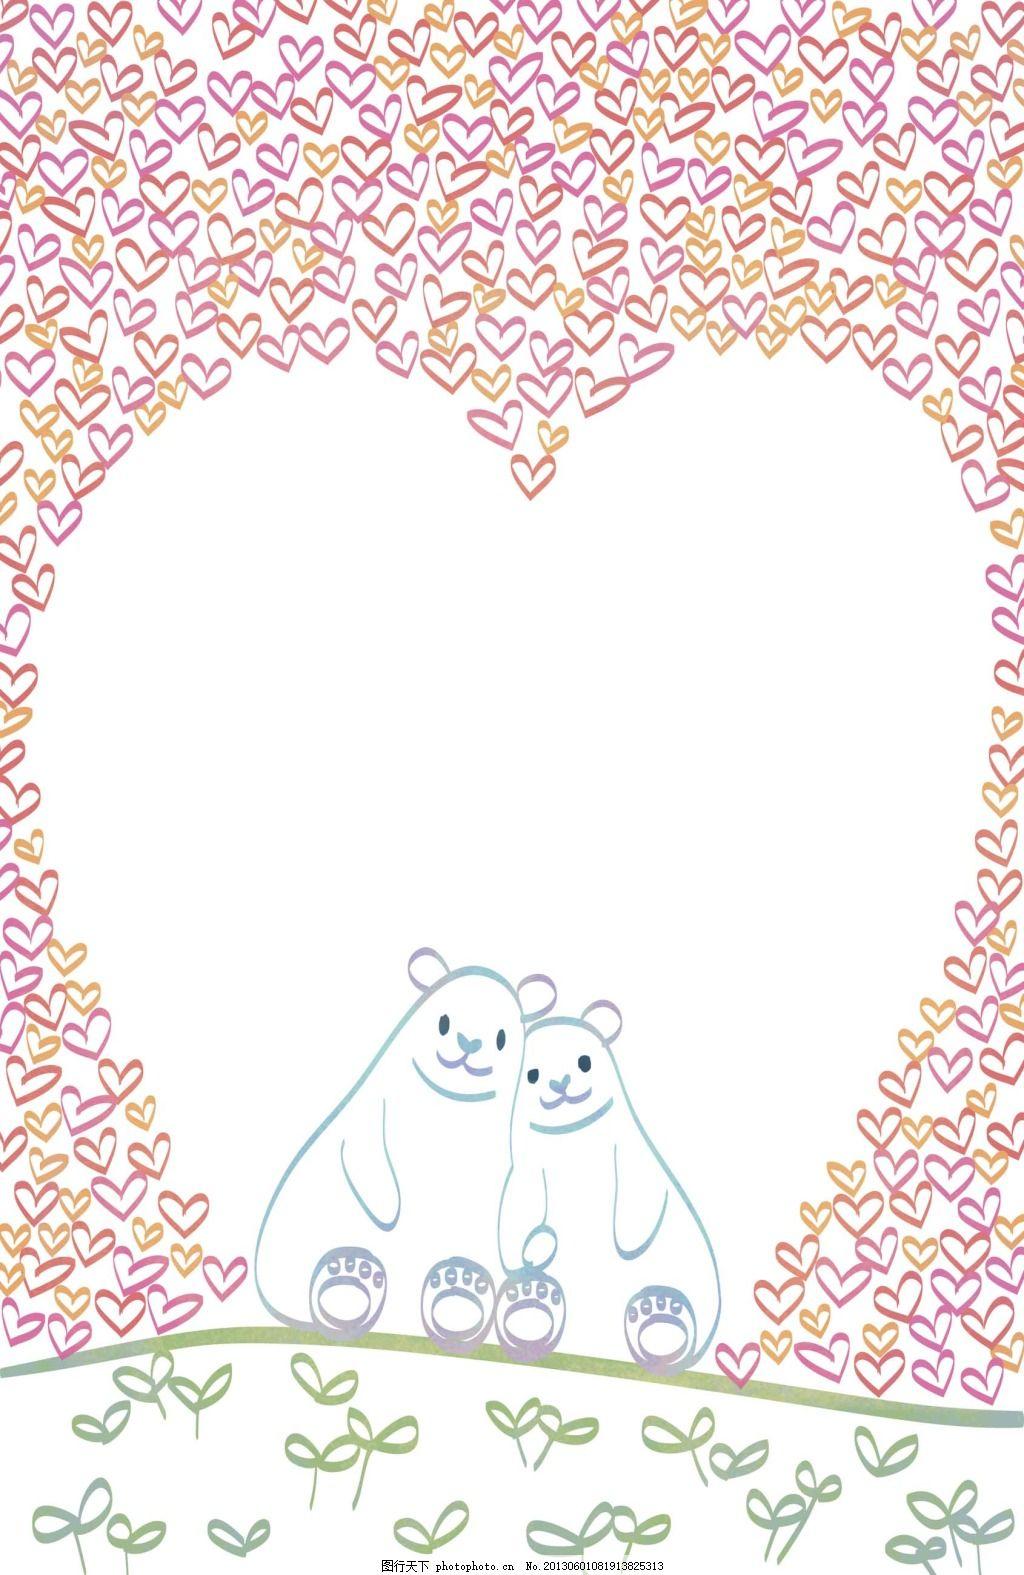 手绘 可爱 心熊